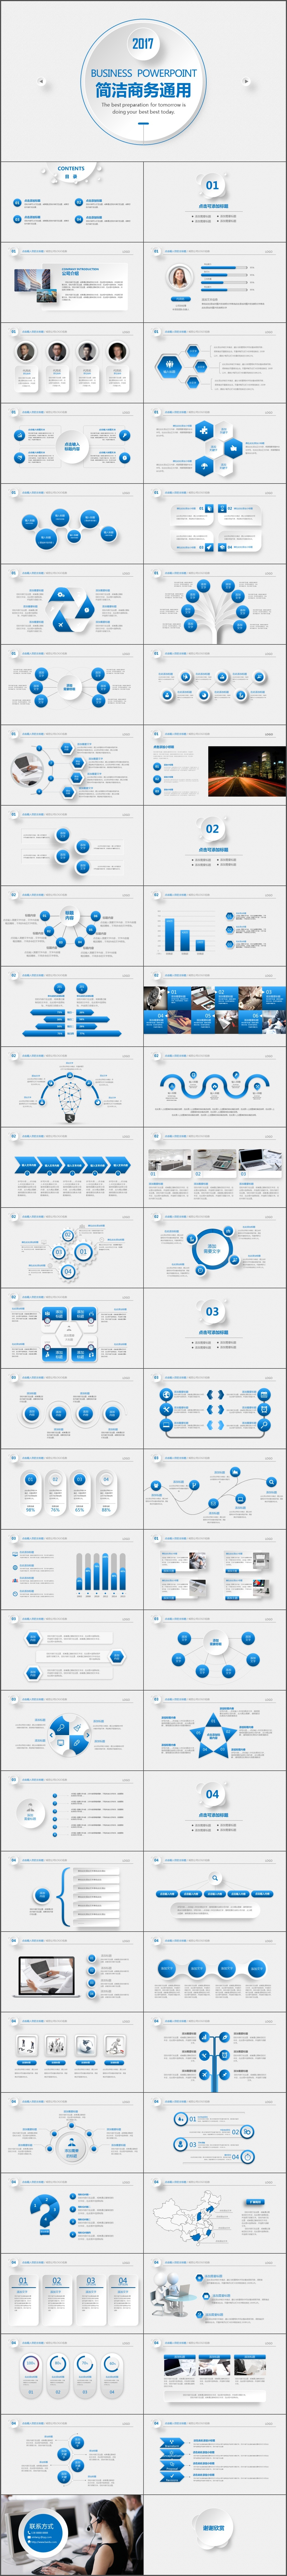 简洁大气公司企业宣传品牌宣传产品介绍PPT模板(726)